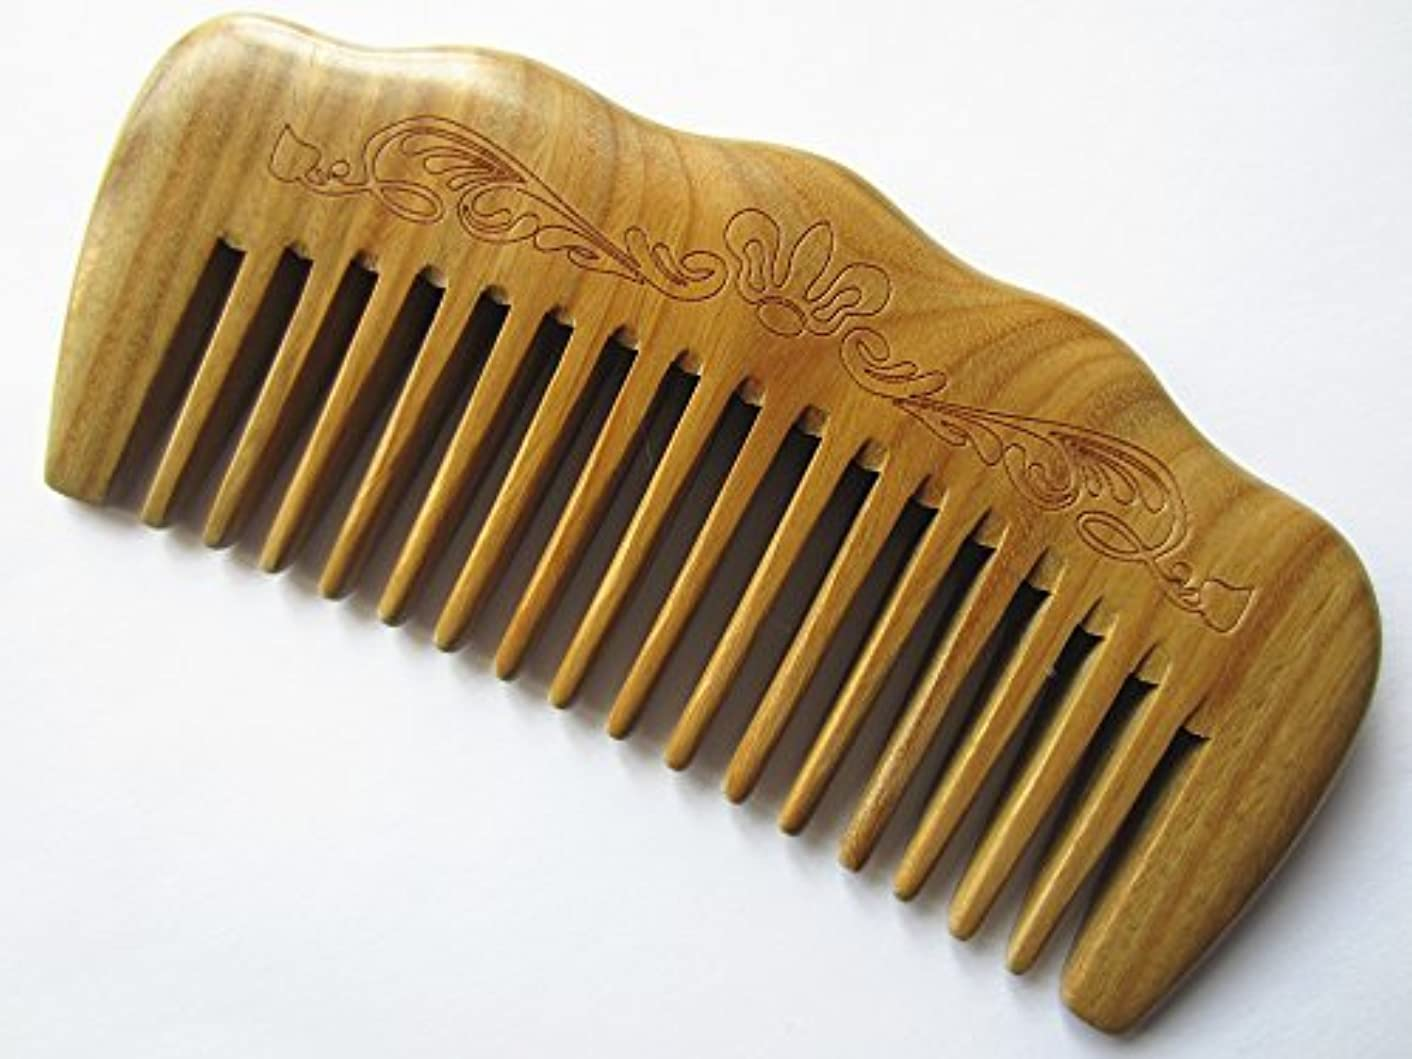 絶望的な排除するパシフィックMyhsmooth Gs-by-mt Wide Tooth Wood Handmade Natural Green Sandalwood No Static Comb with Aromatic Scent for Detangling Curly Hair and Gift (4.9